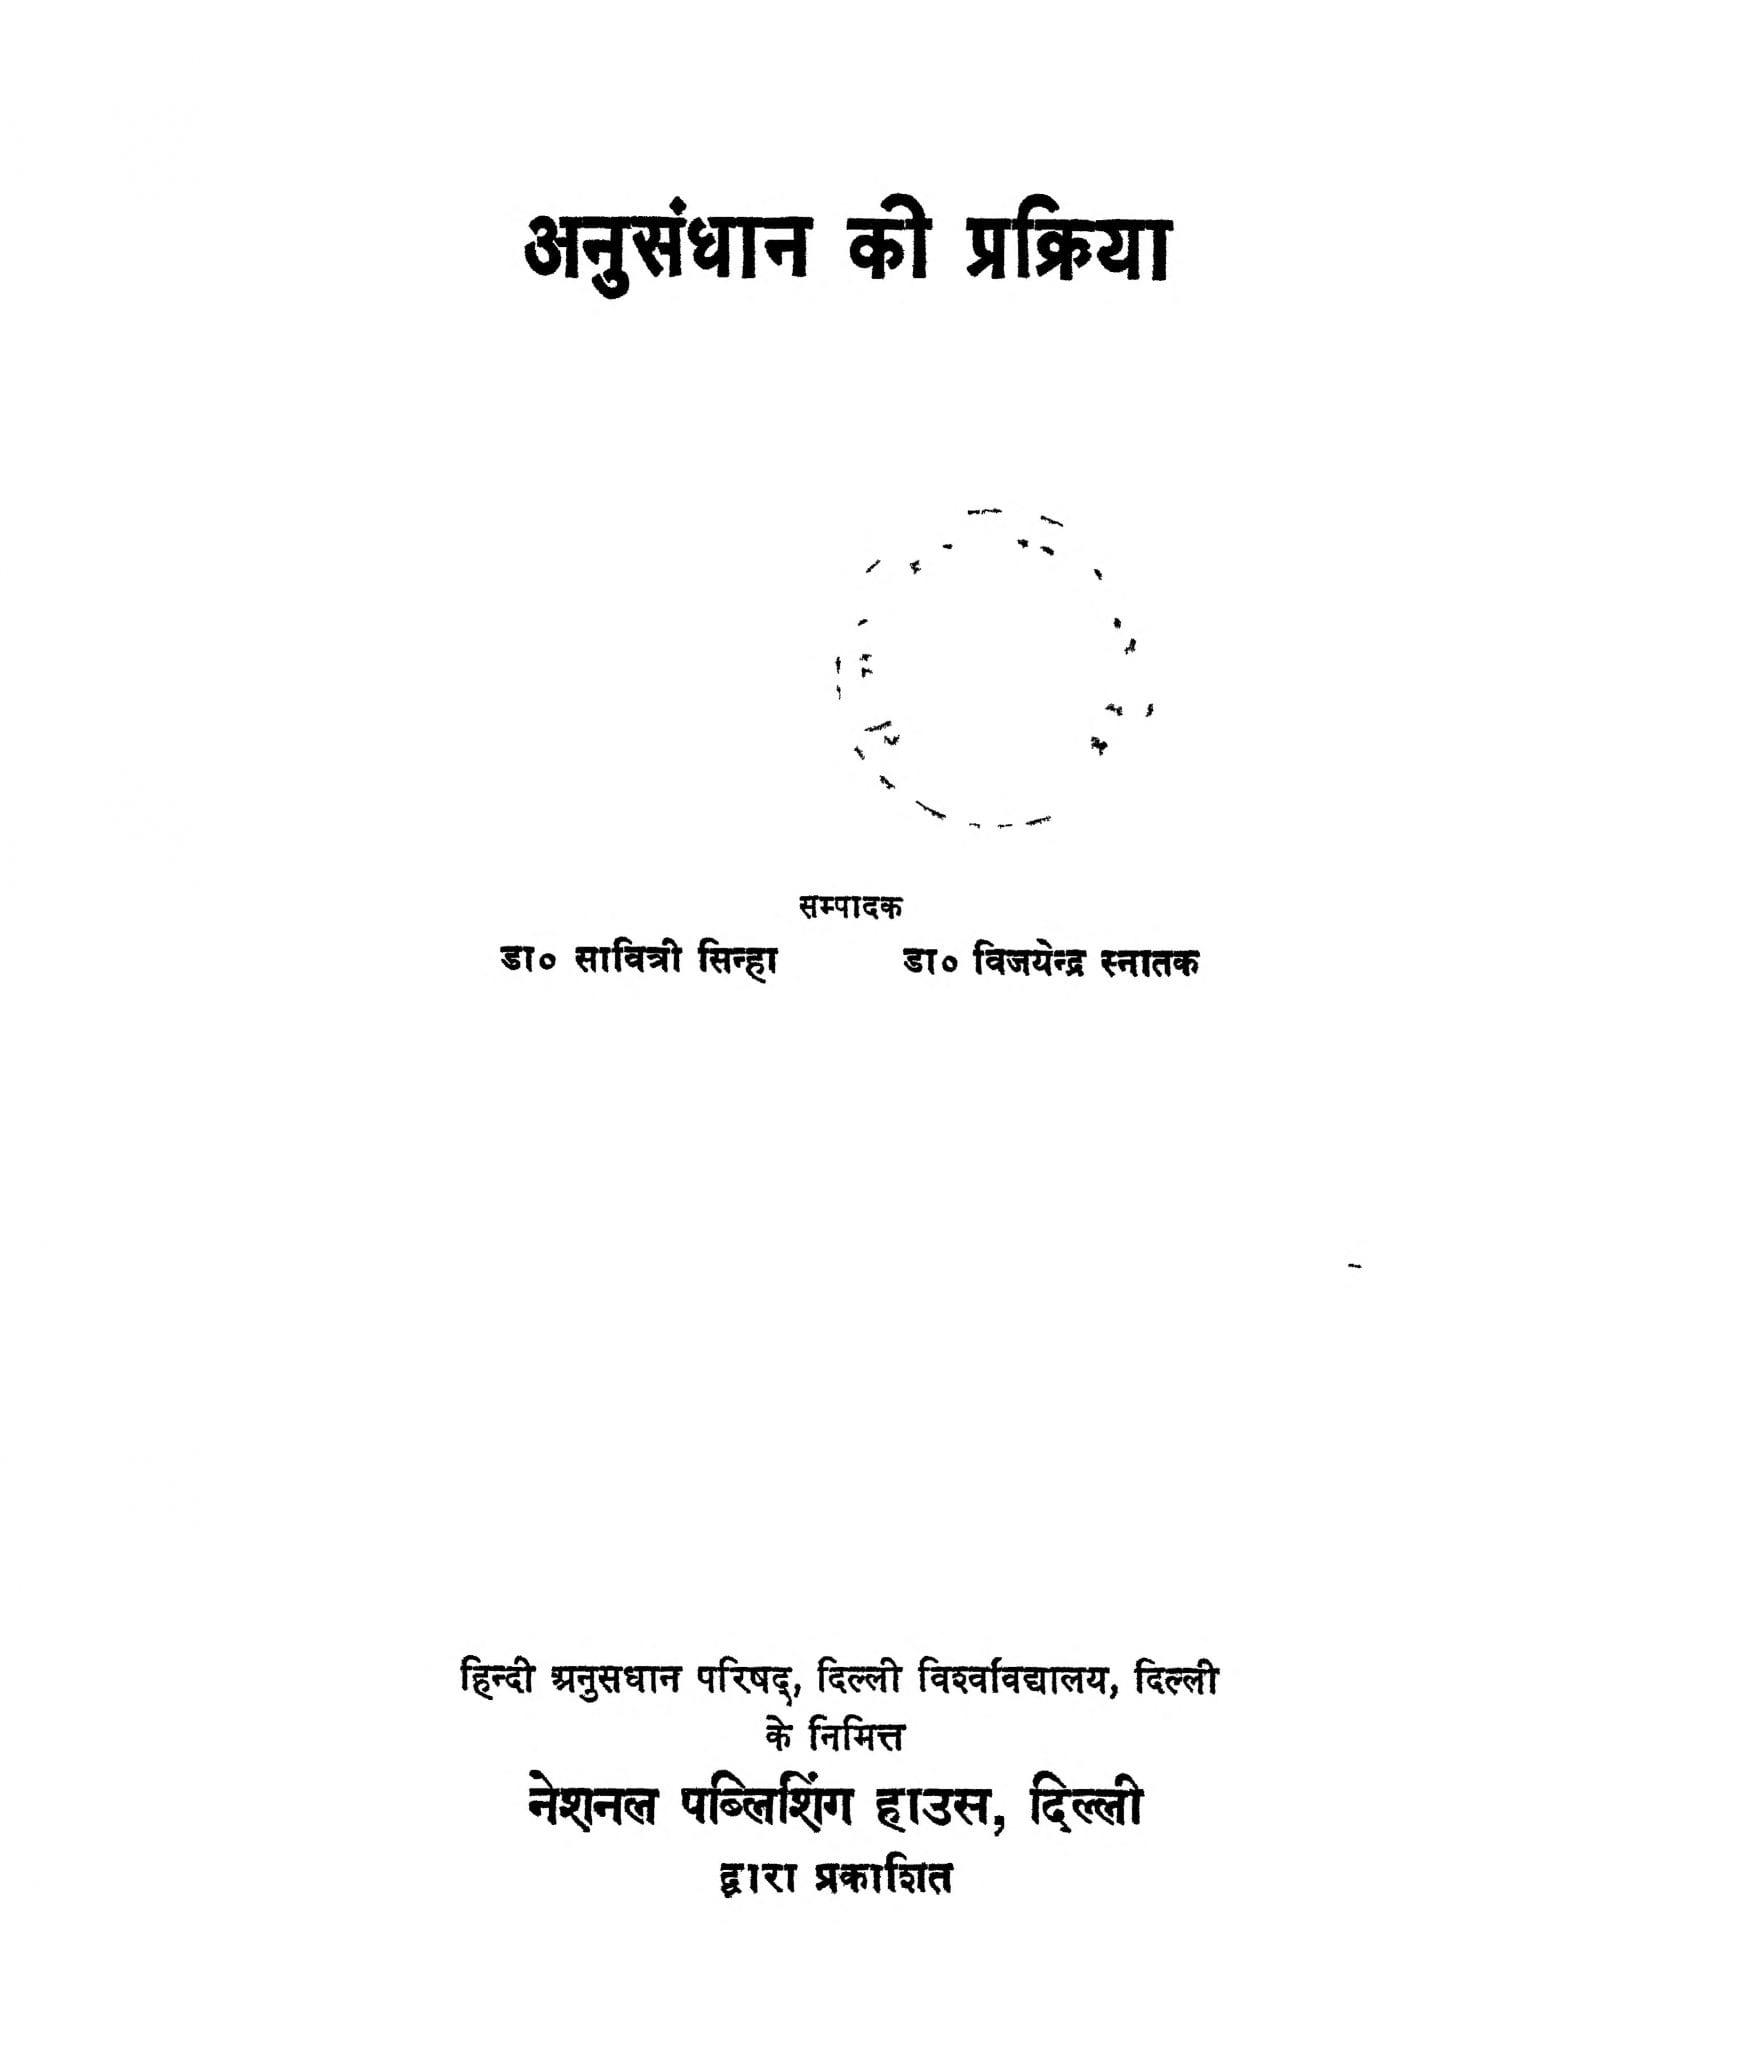 Anusandhan Ki Prakriya by Dr. savitri sinha - डॉ. सावित्री सिन्हा